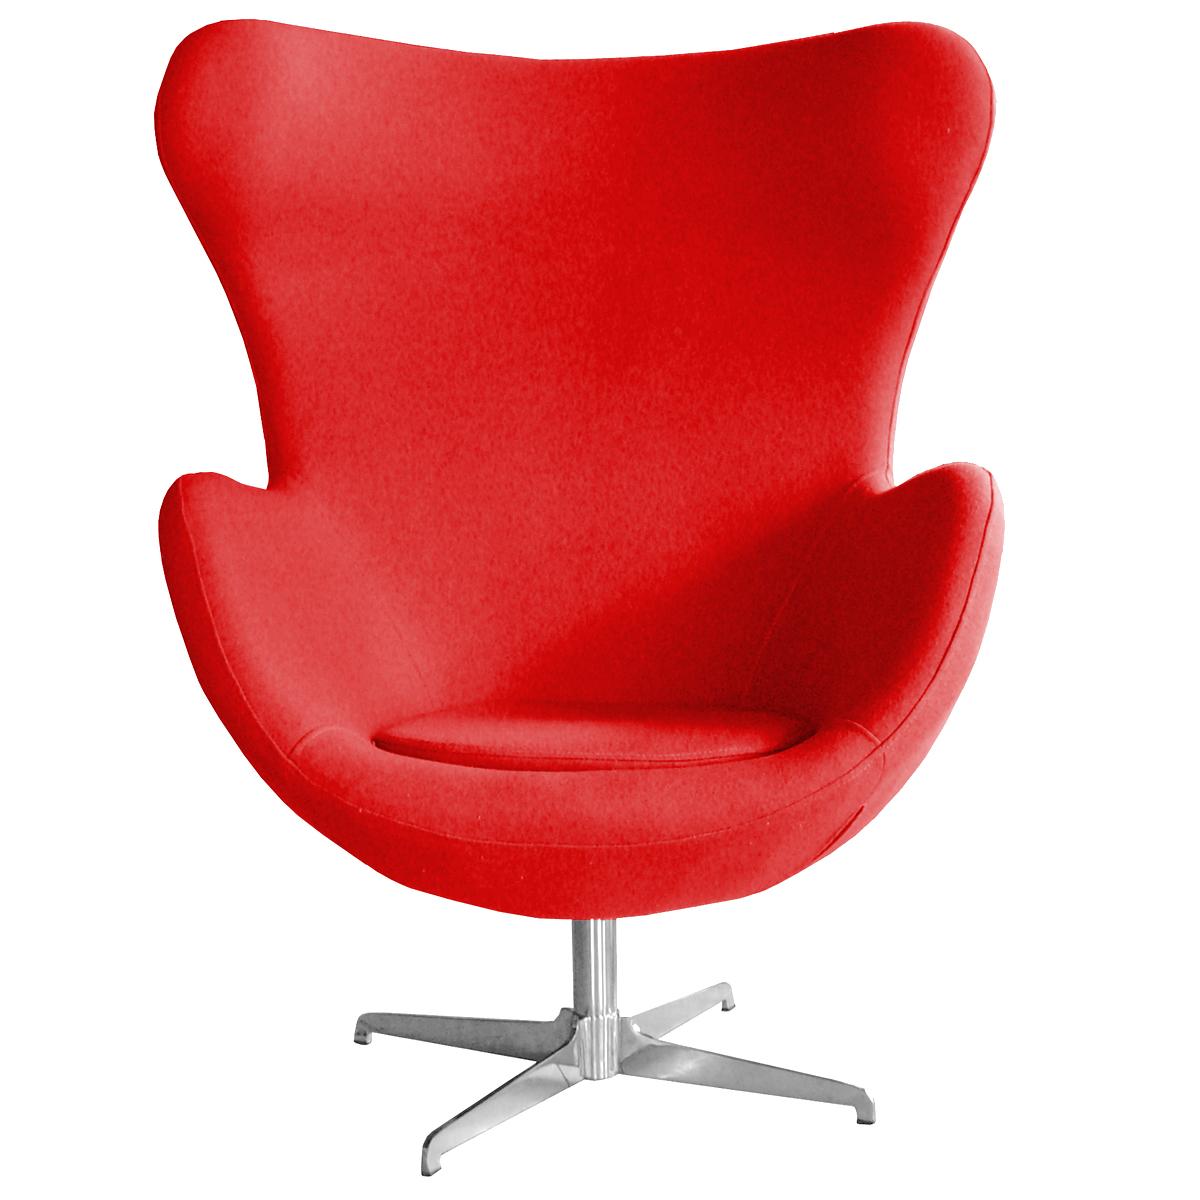 vintage egg chair abiie high retro arne jacobsen inspired designer swivel wool